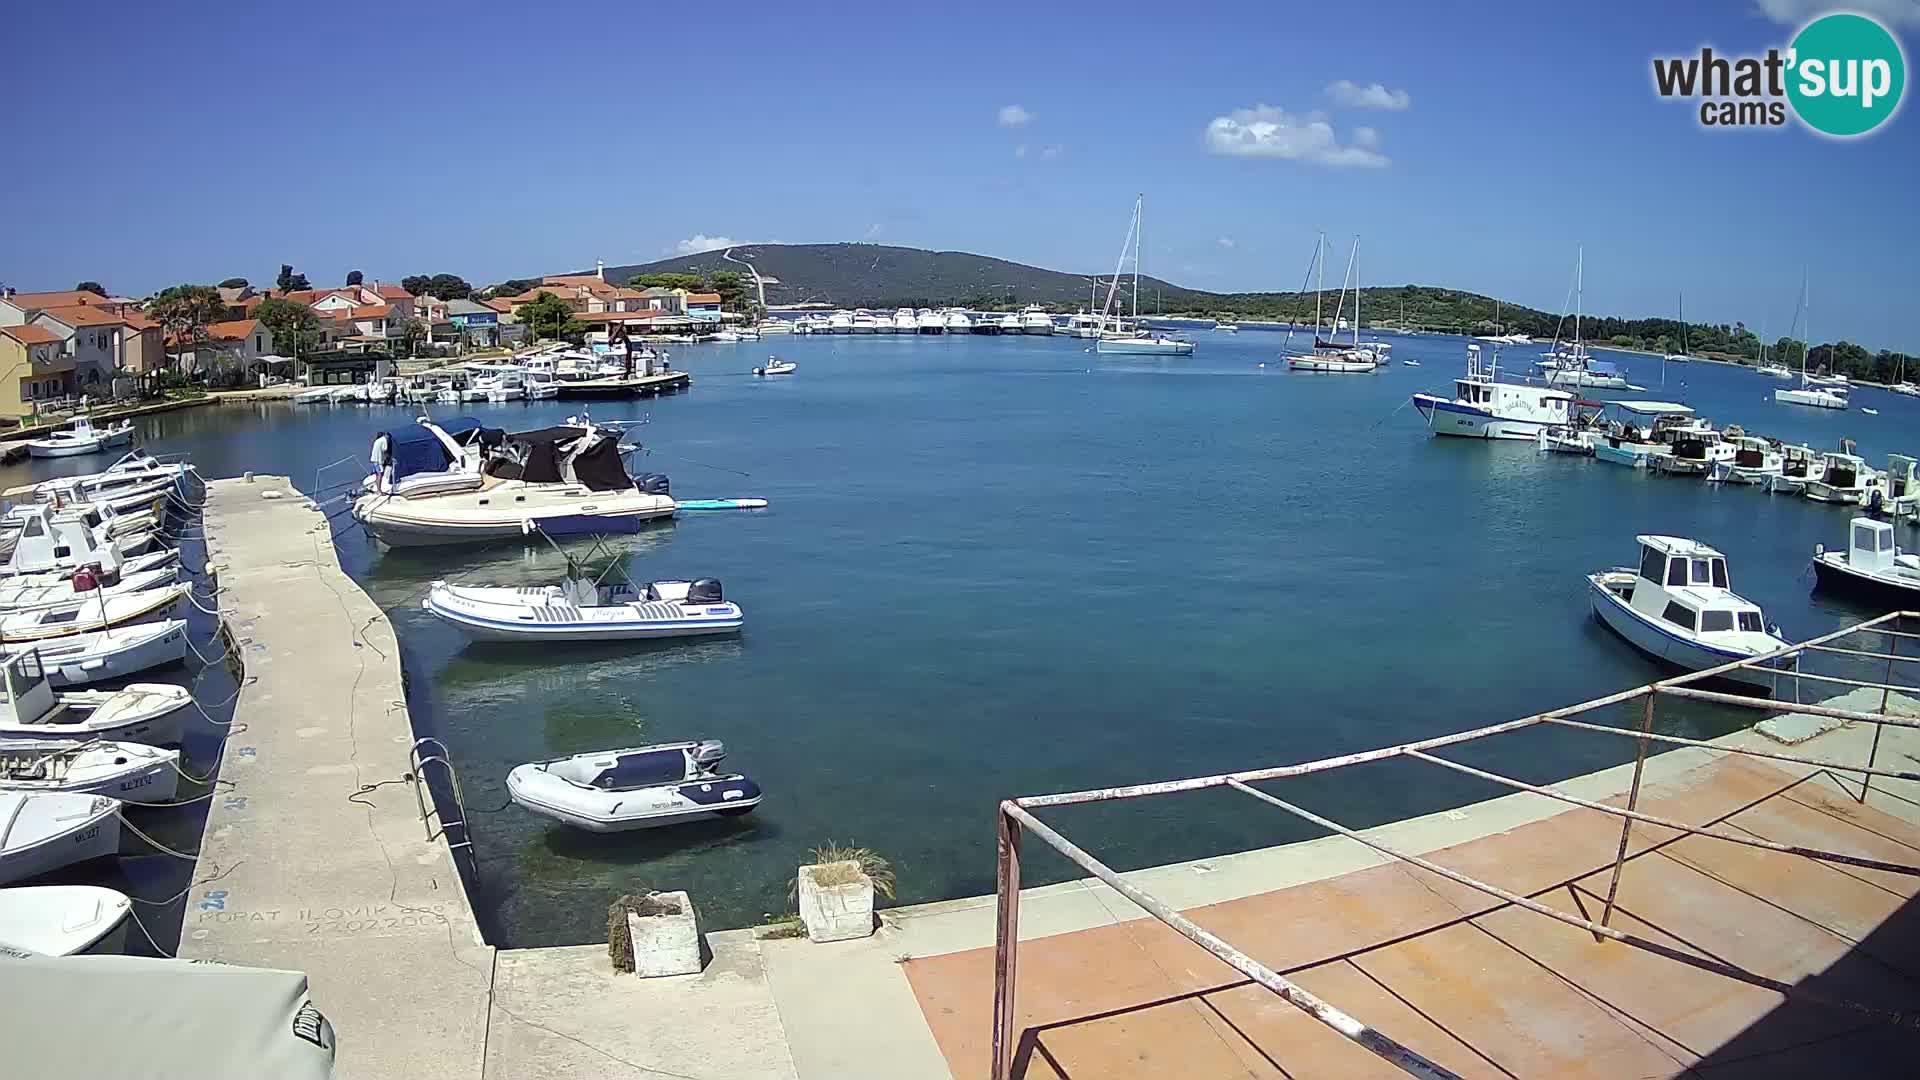 Camera en vivo Ilovik – Sveti Petar